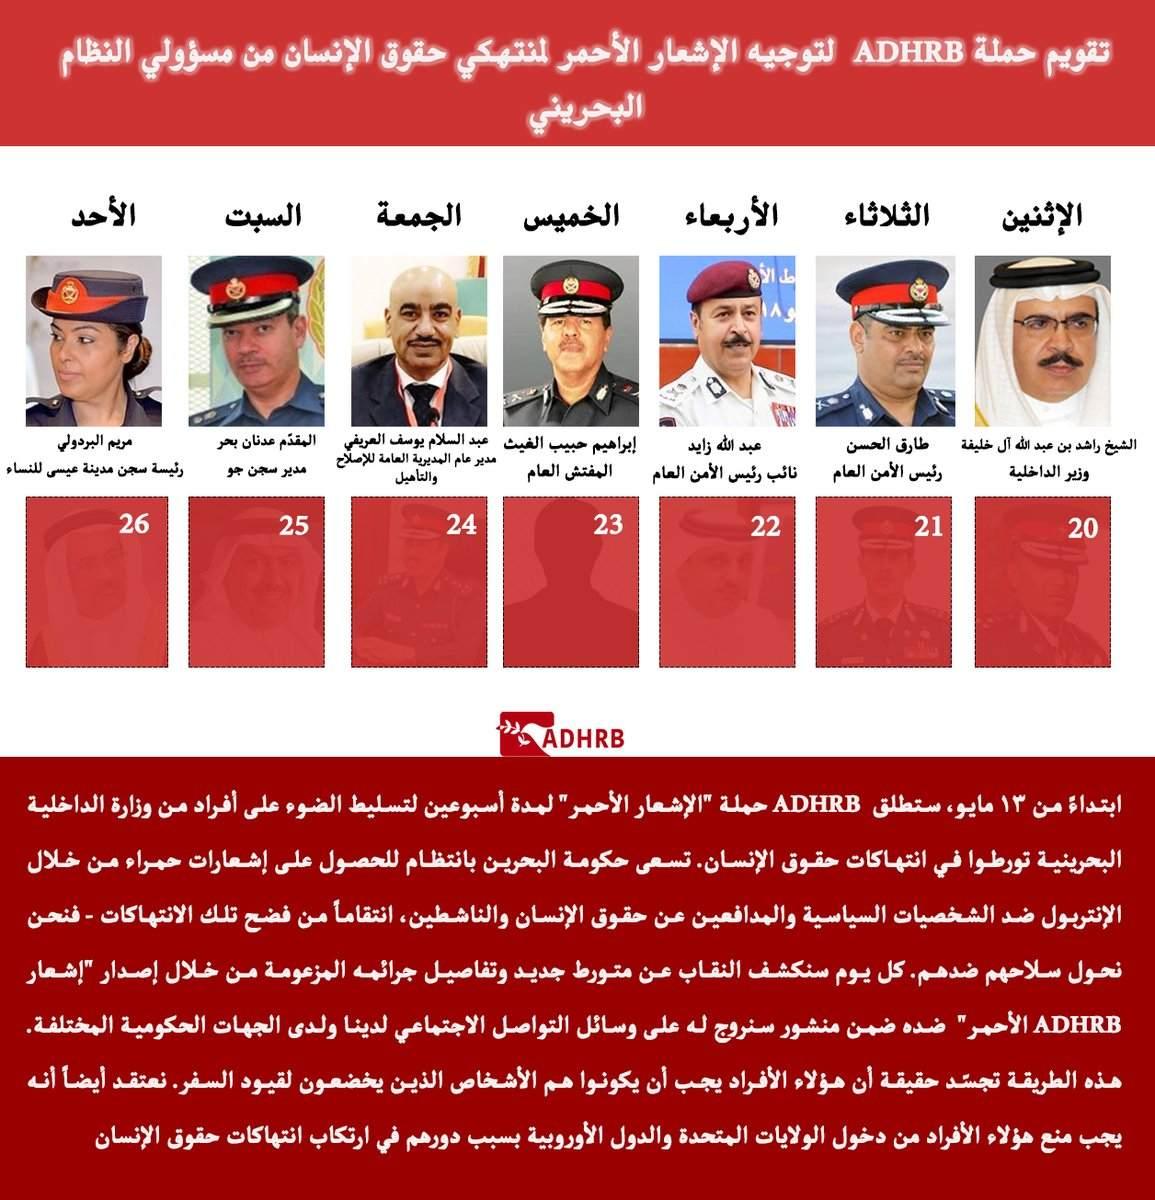 منظّمة أمريكيون من أجل الديمقراطيّة وحقوق الإنسان في البحرين تصدر «إشعارها الأحمر» بحقّ وزير الداخليّة الخليفيّ وعدد من الجلادين